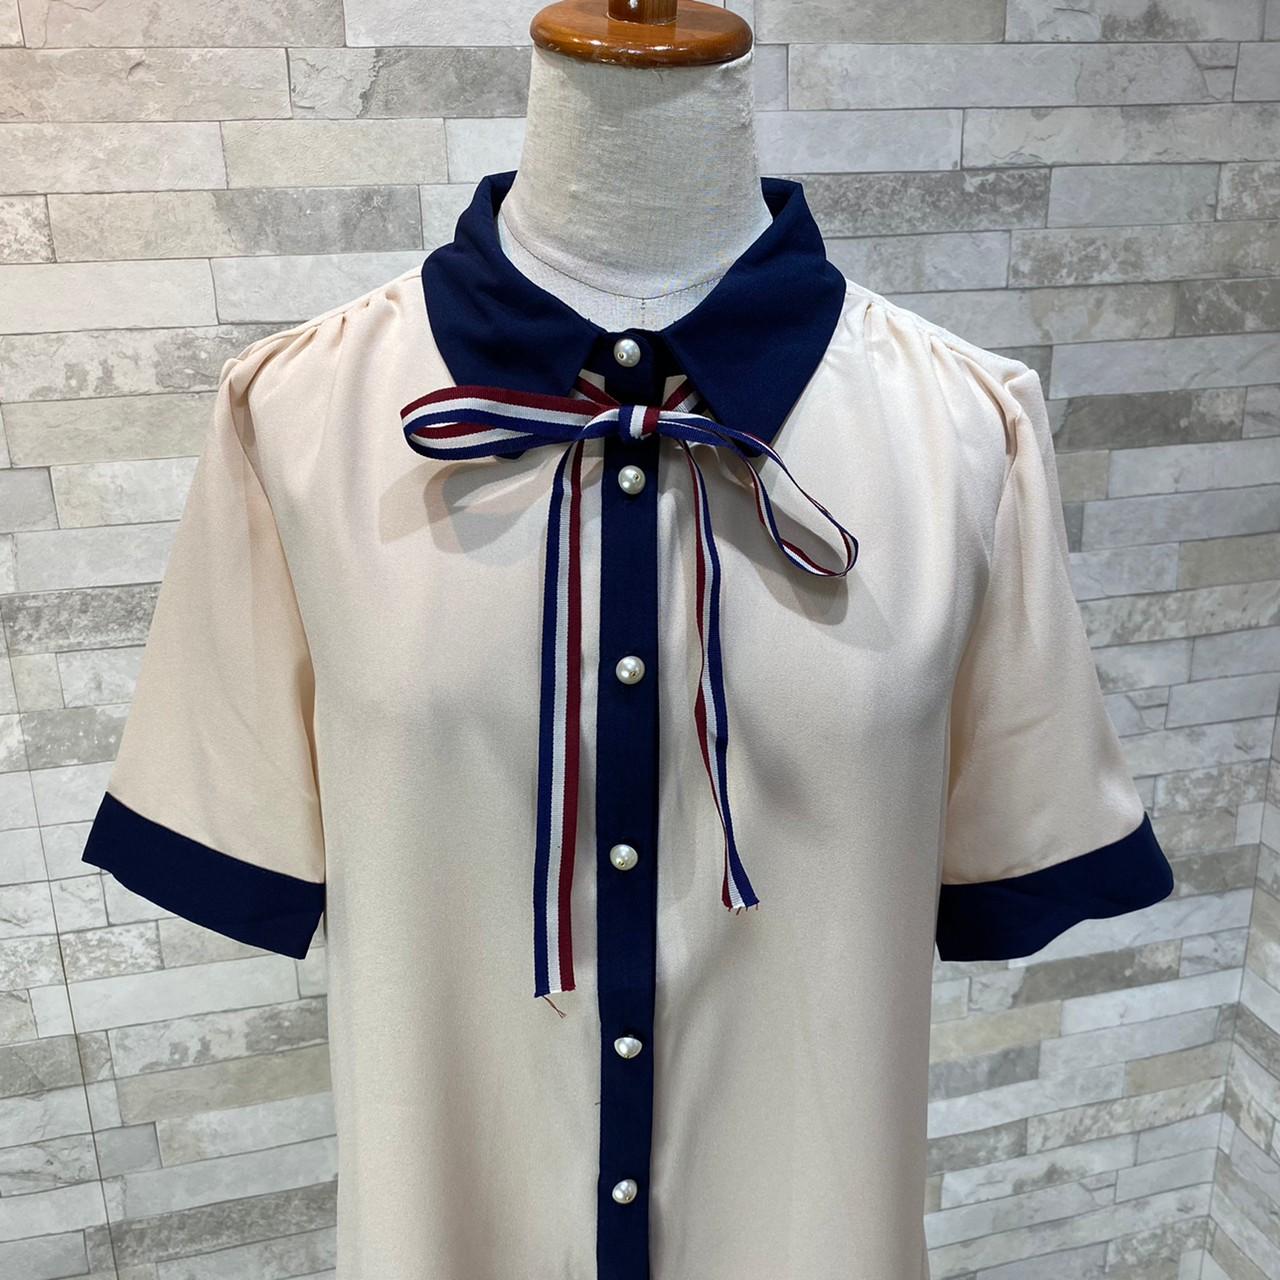 韓国 ファッション トップス ブラウス シャツ 夏 春 カジュアル PTXI735  シアー 襟付き トリコロール プレッピー オルチャン シンプル 定番 セレカジの写真20枚目